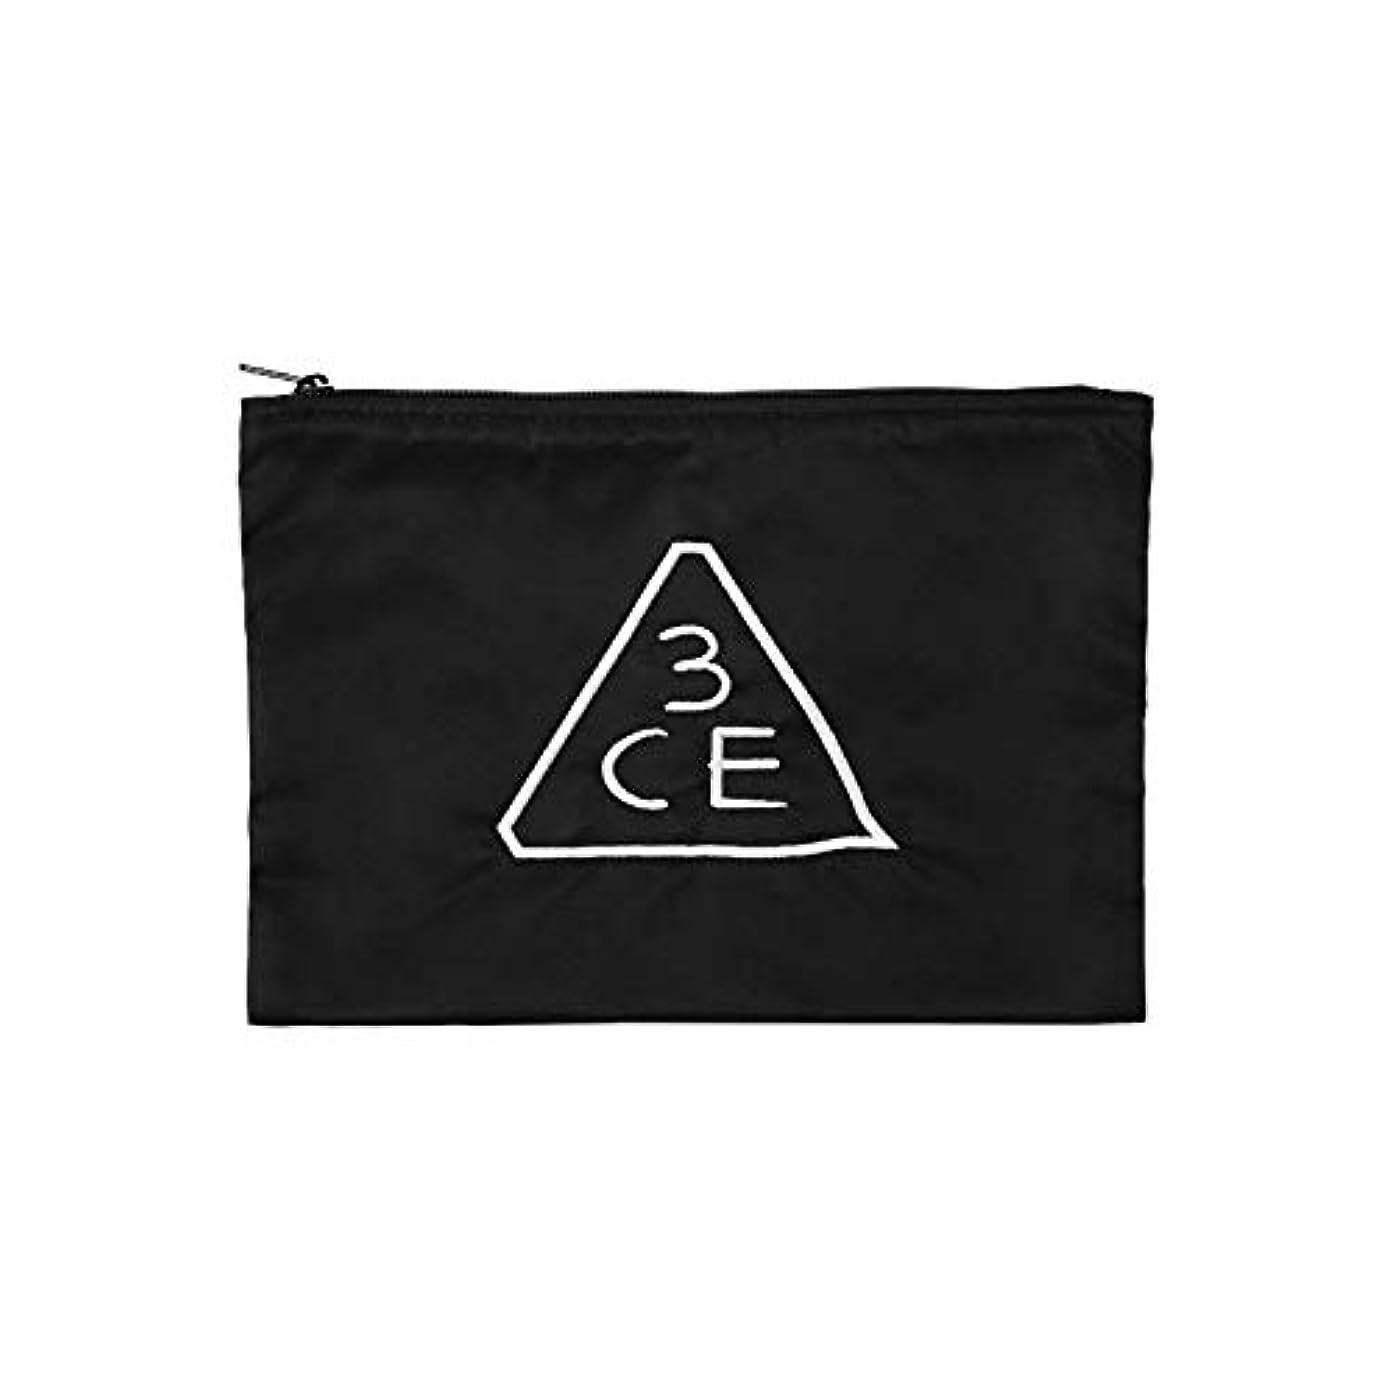 傾いた危険節約3CE フラットポーチ FLAT POUCH MEDIUM #BLACK [並行輸入品]